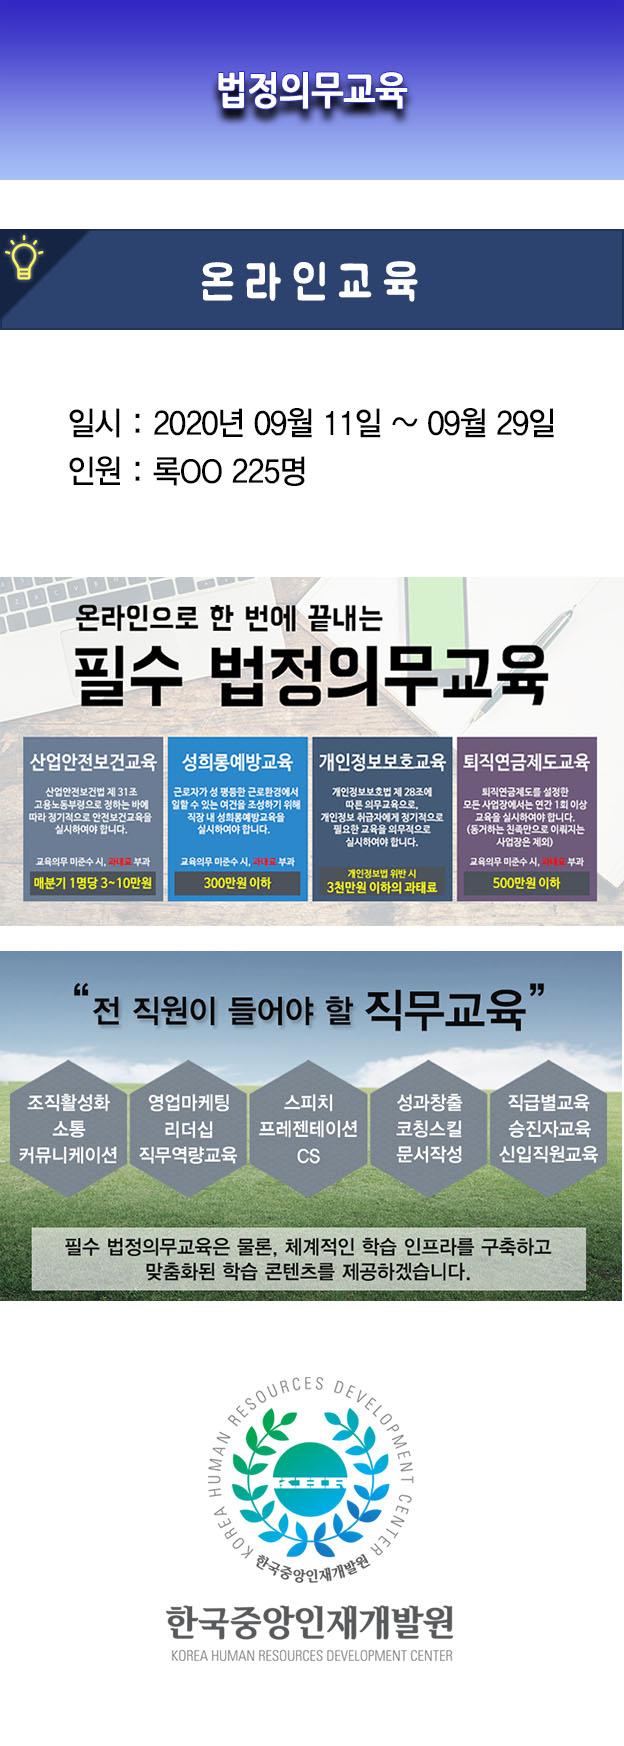 한국중앙인재개발원 공지사항(온라인) 록시땅.jpg